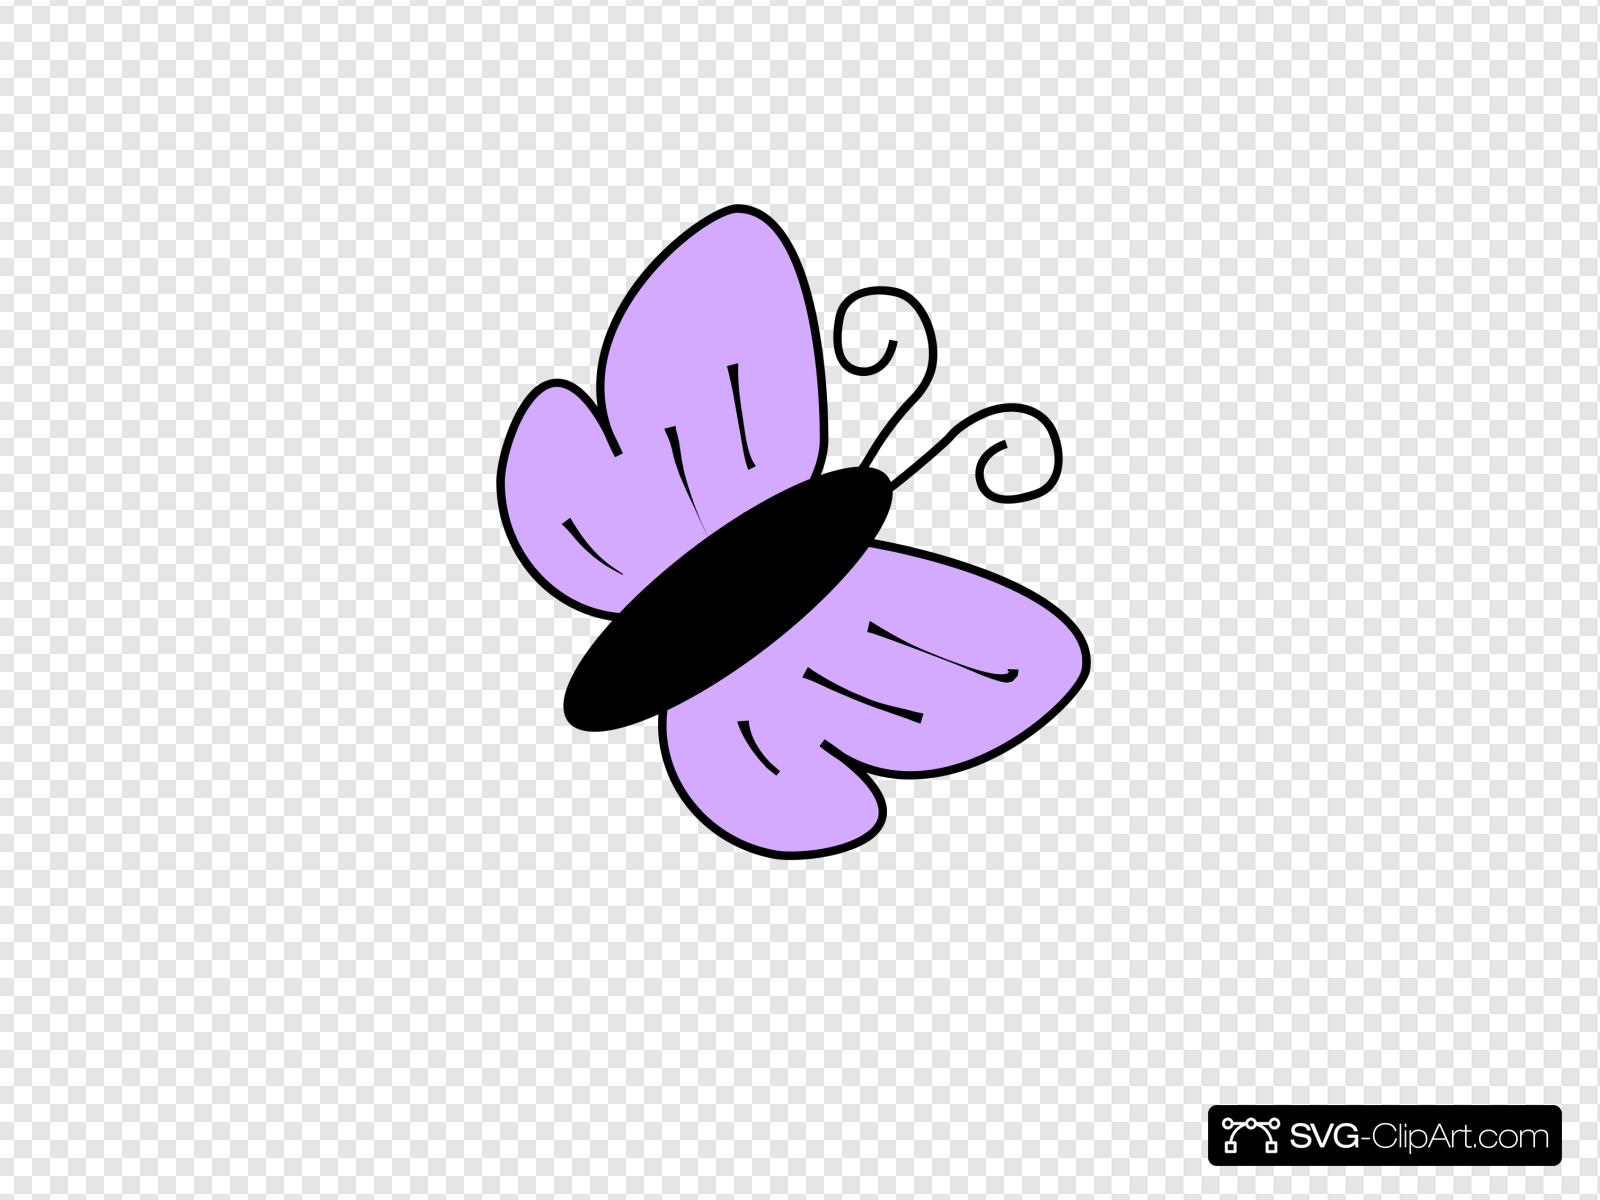 Mariposa Violeta Clip art, Icon and SVG.